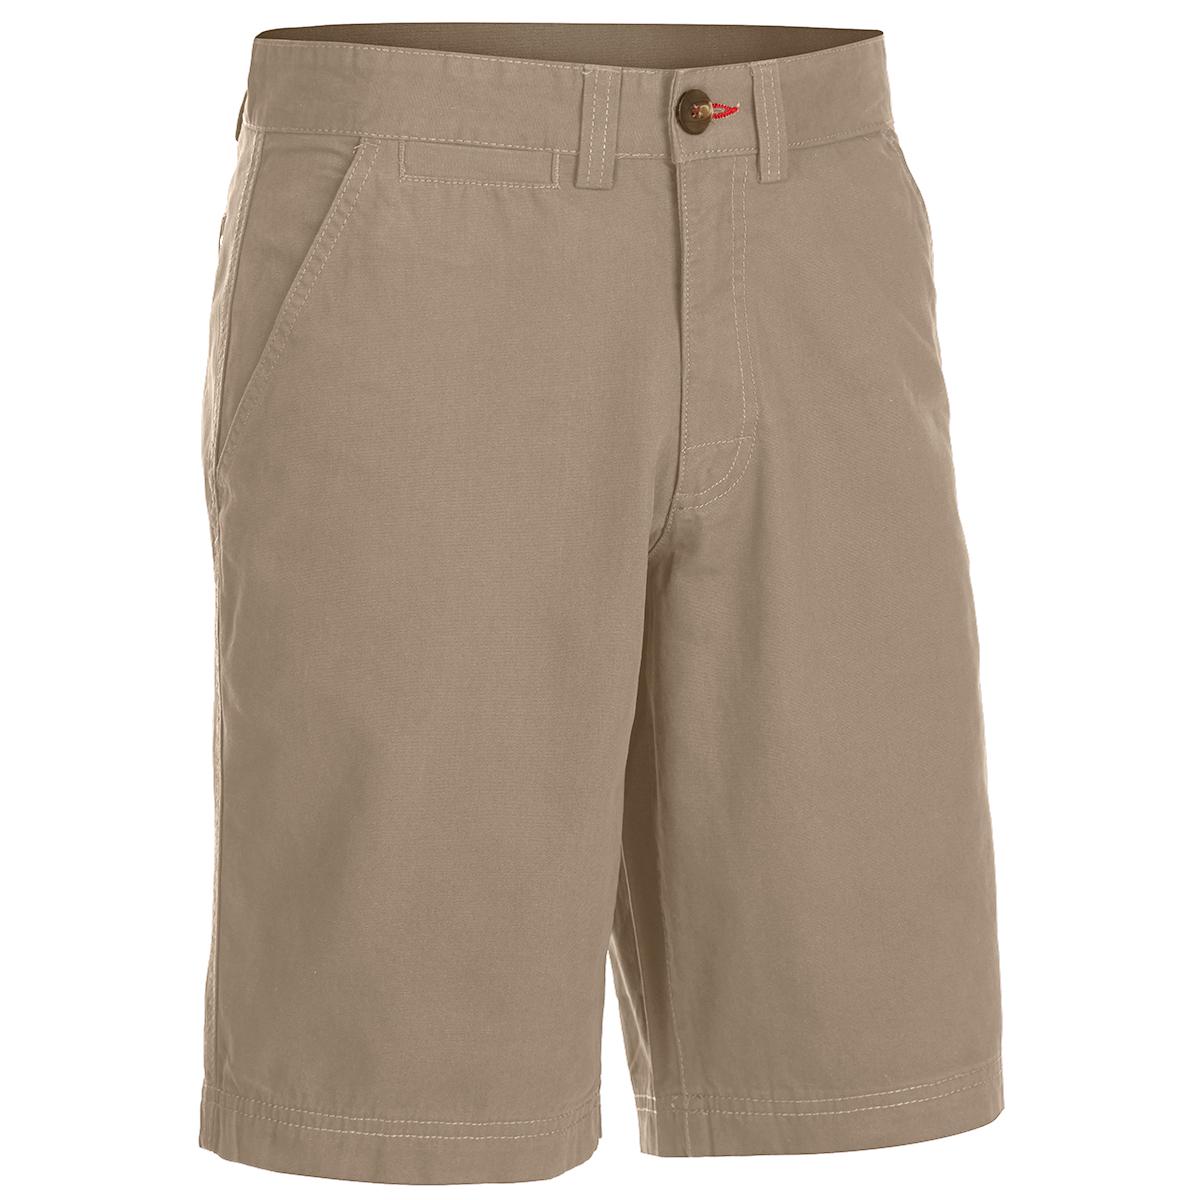 Ems Men's Ranger Shorts - Brown, 36